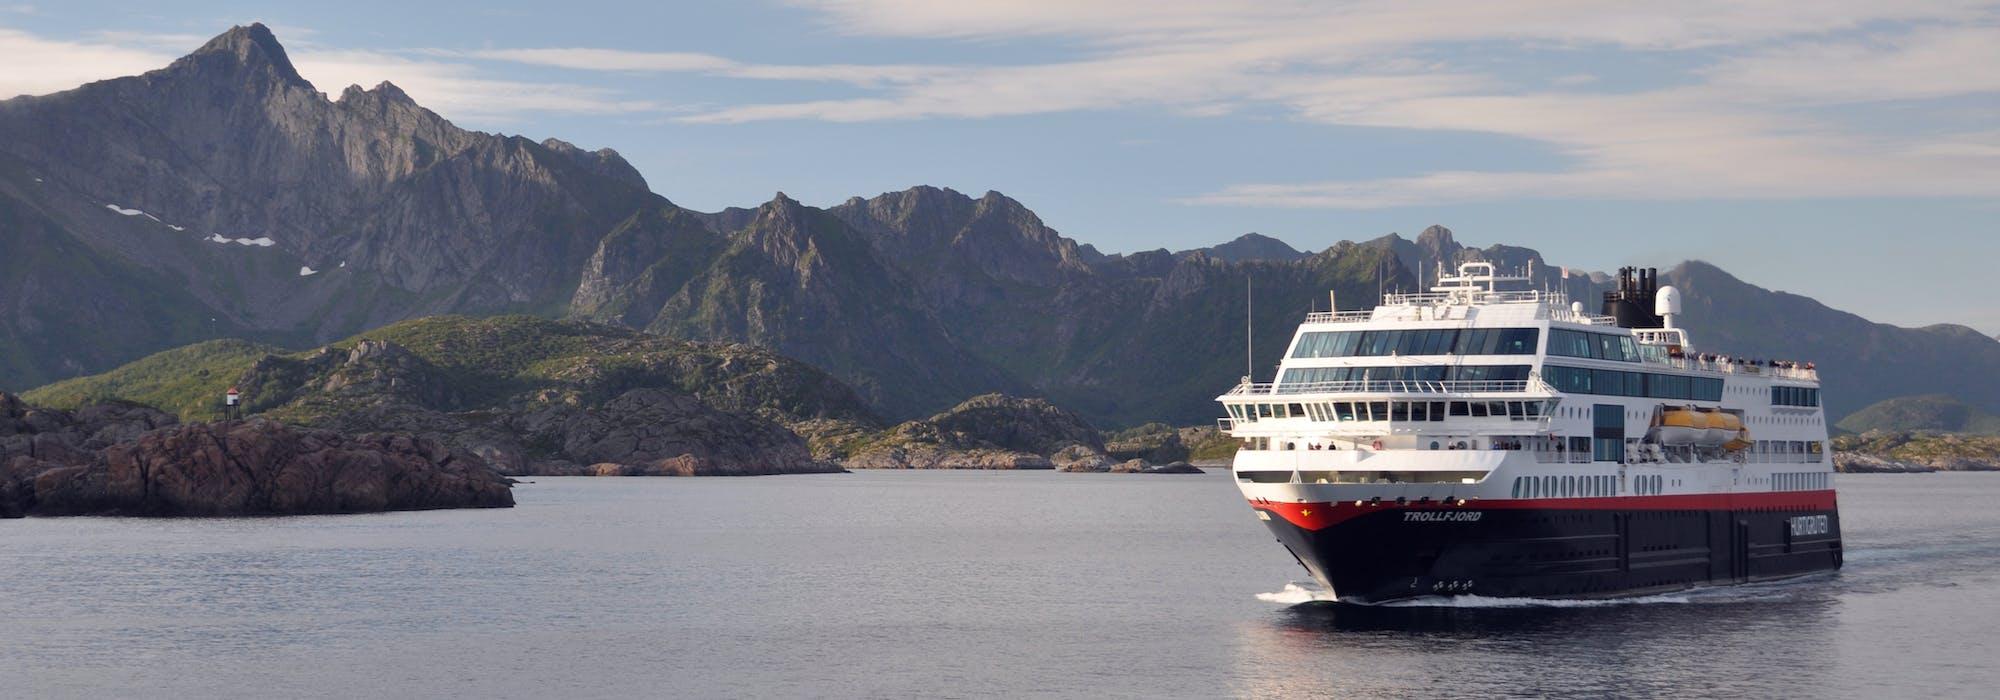 MS Trollfjord kryssar fram mellan de vackra norska fjordarna.